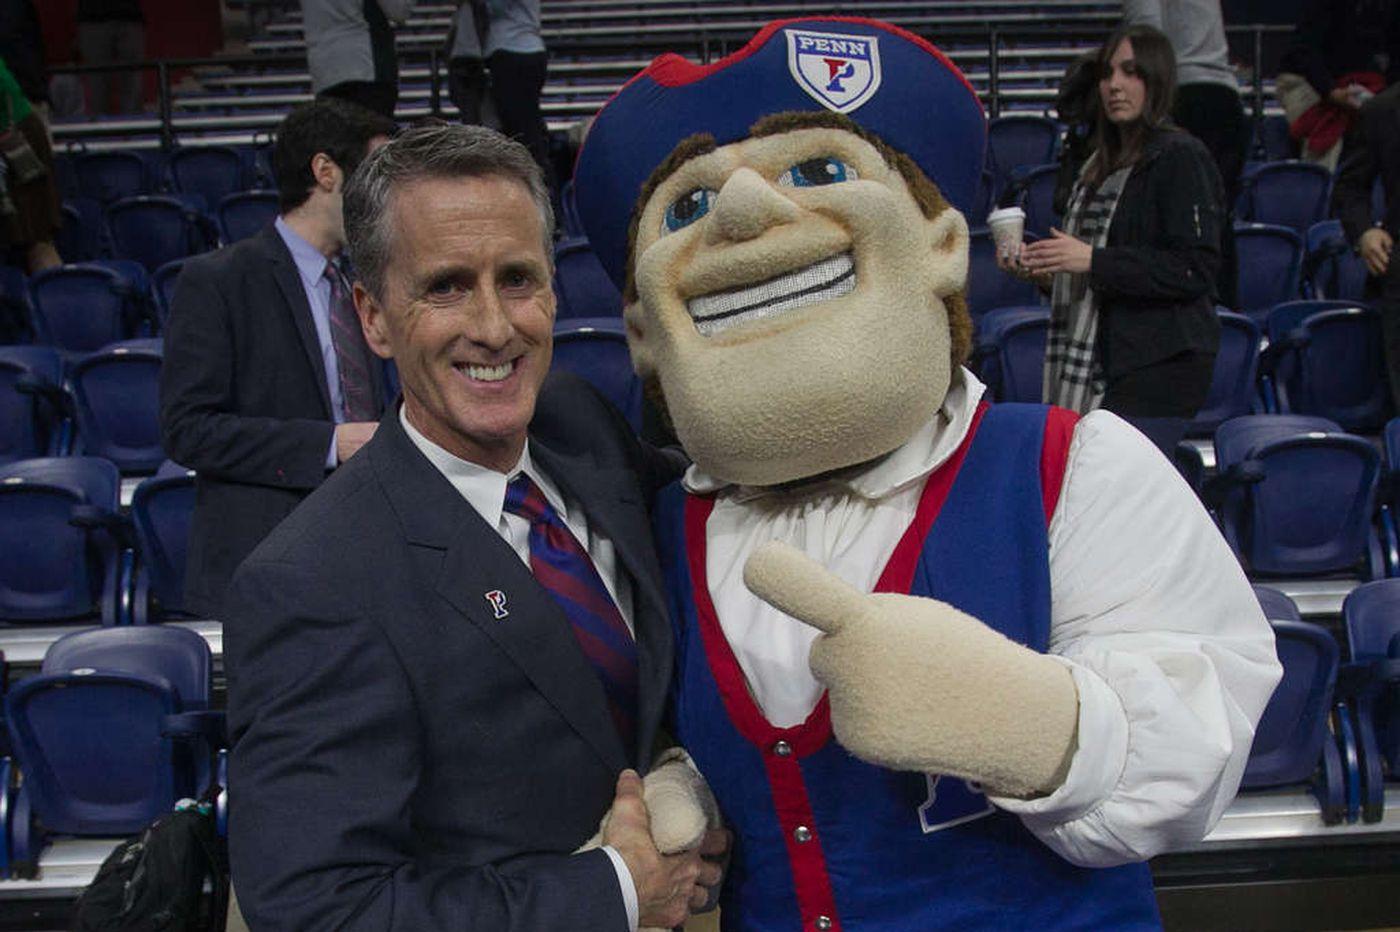 Donahue returns to Penn